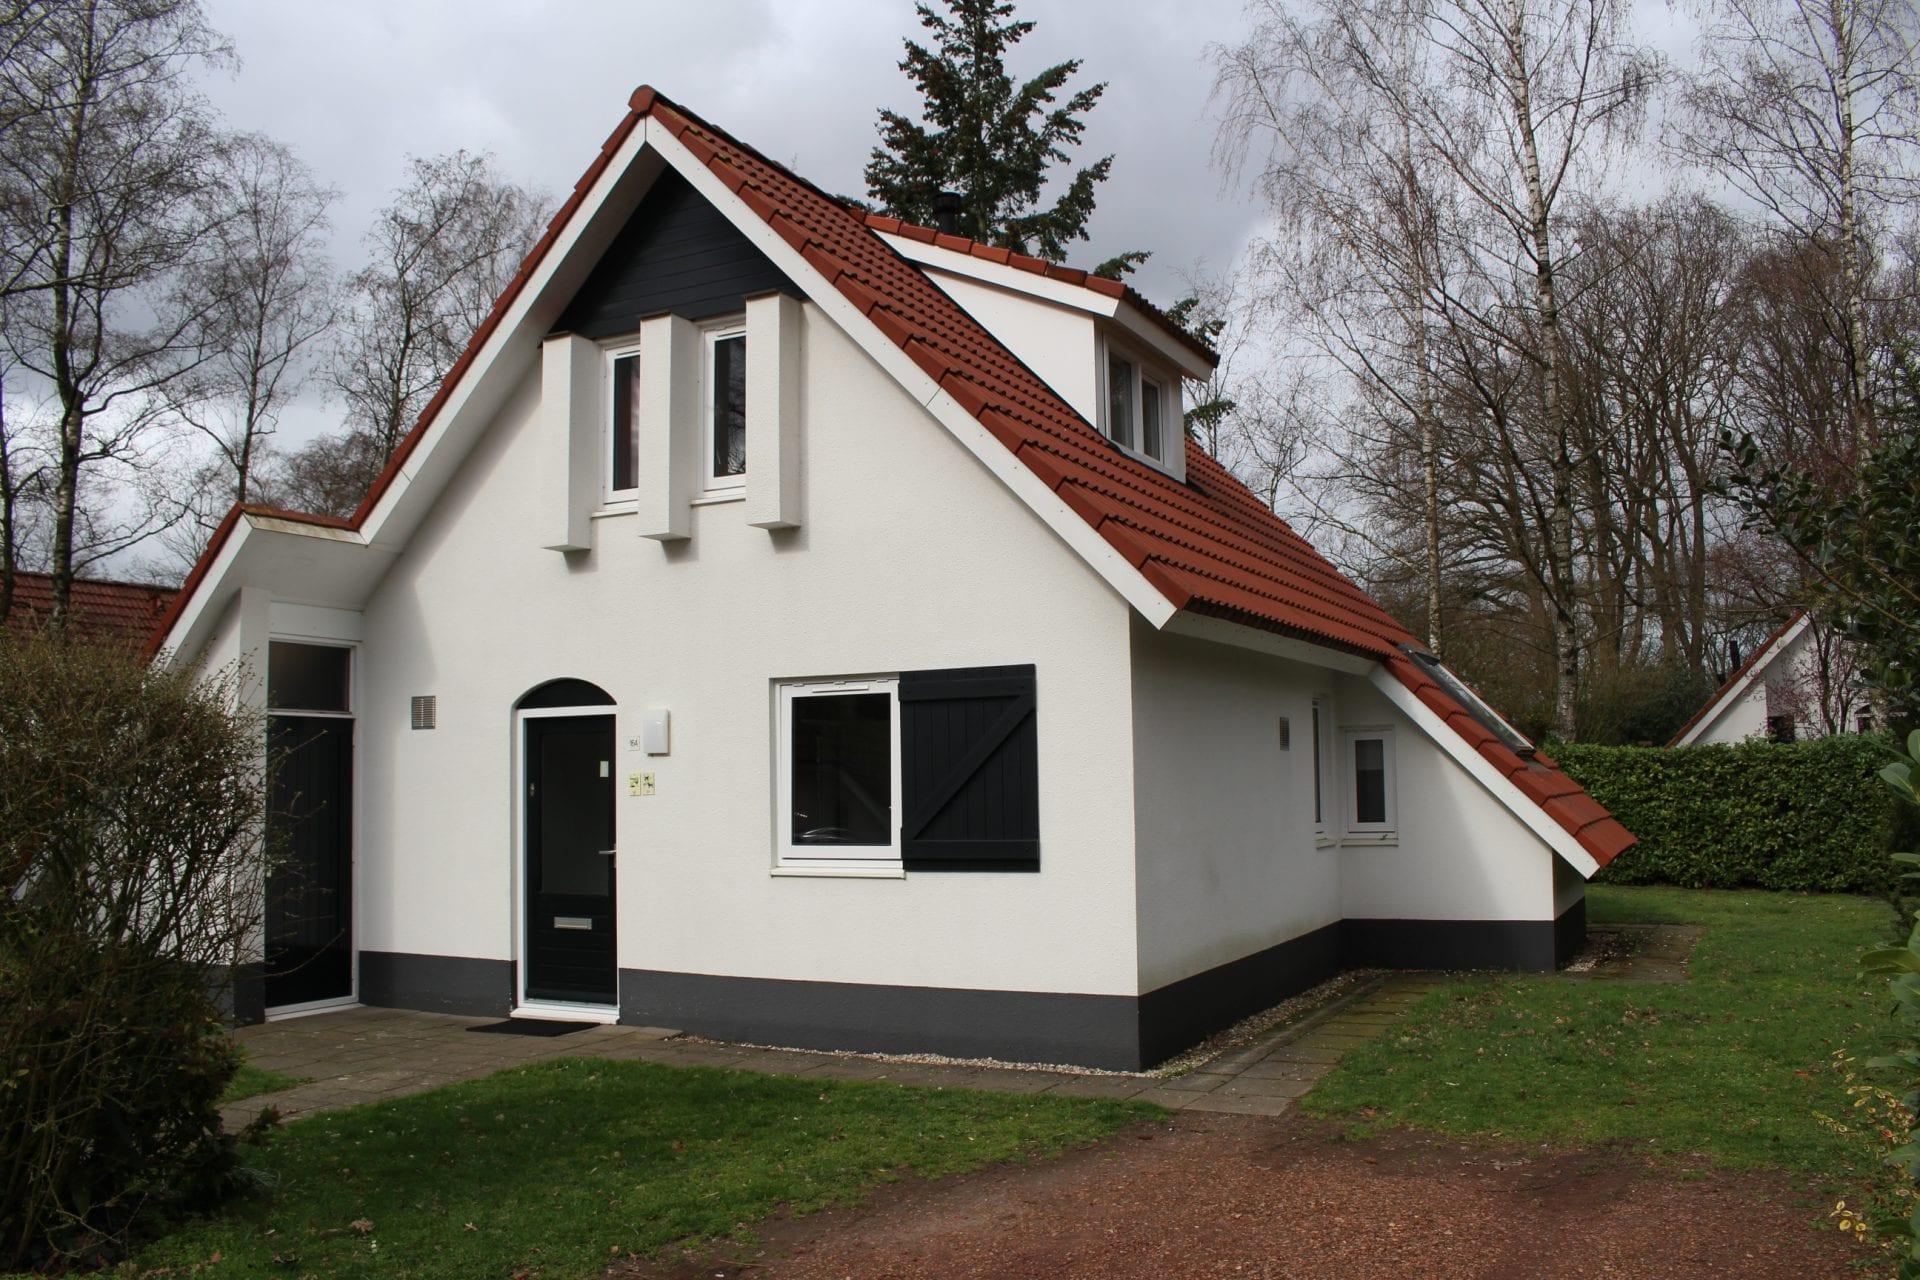 1 Landgoed De Elsgraven - Vakantiehuis nr. 164 - 4-persoons luxe